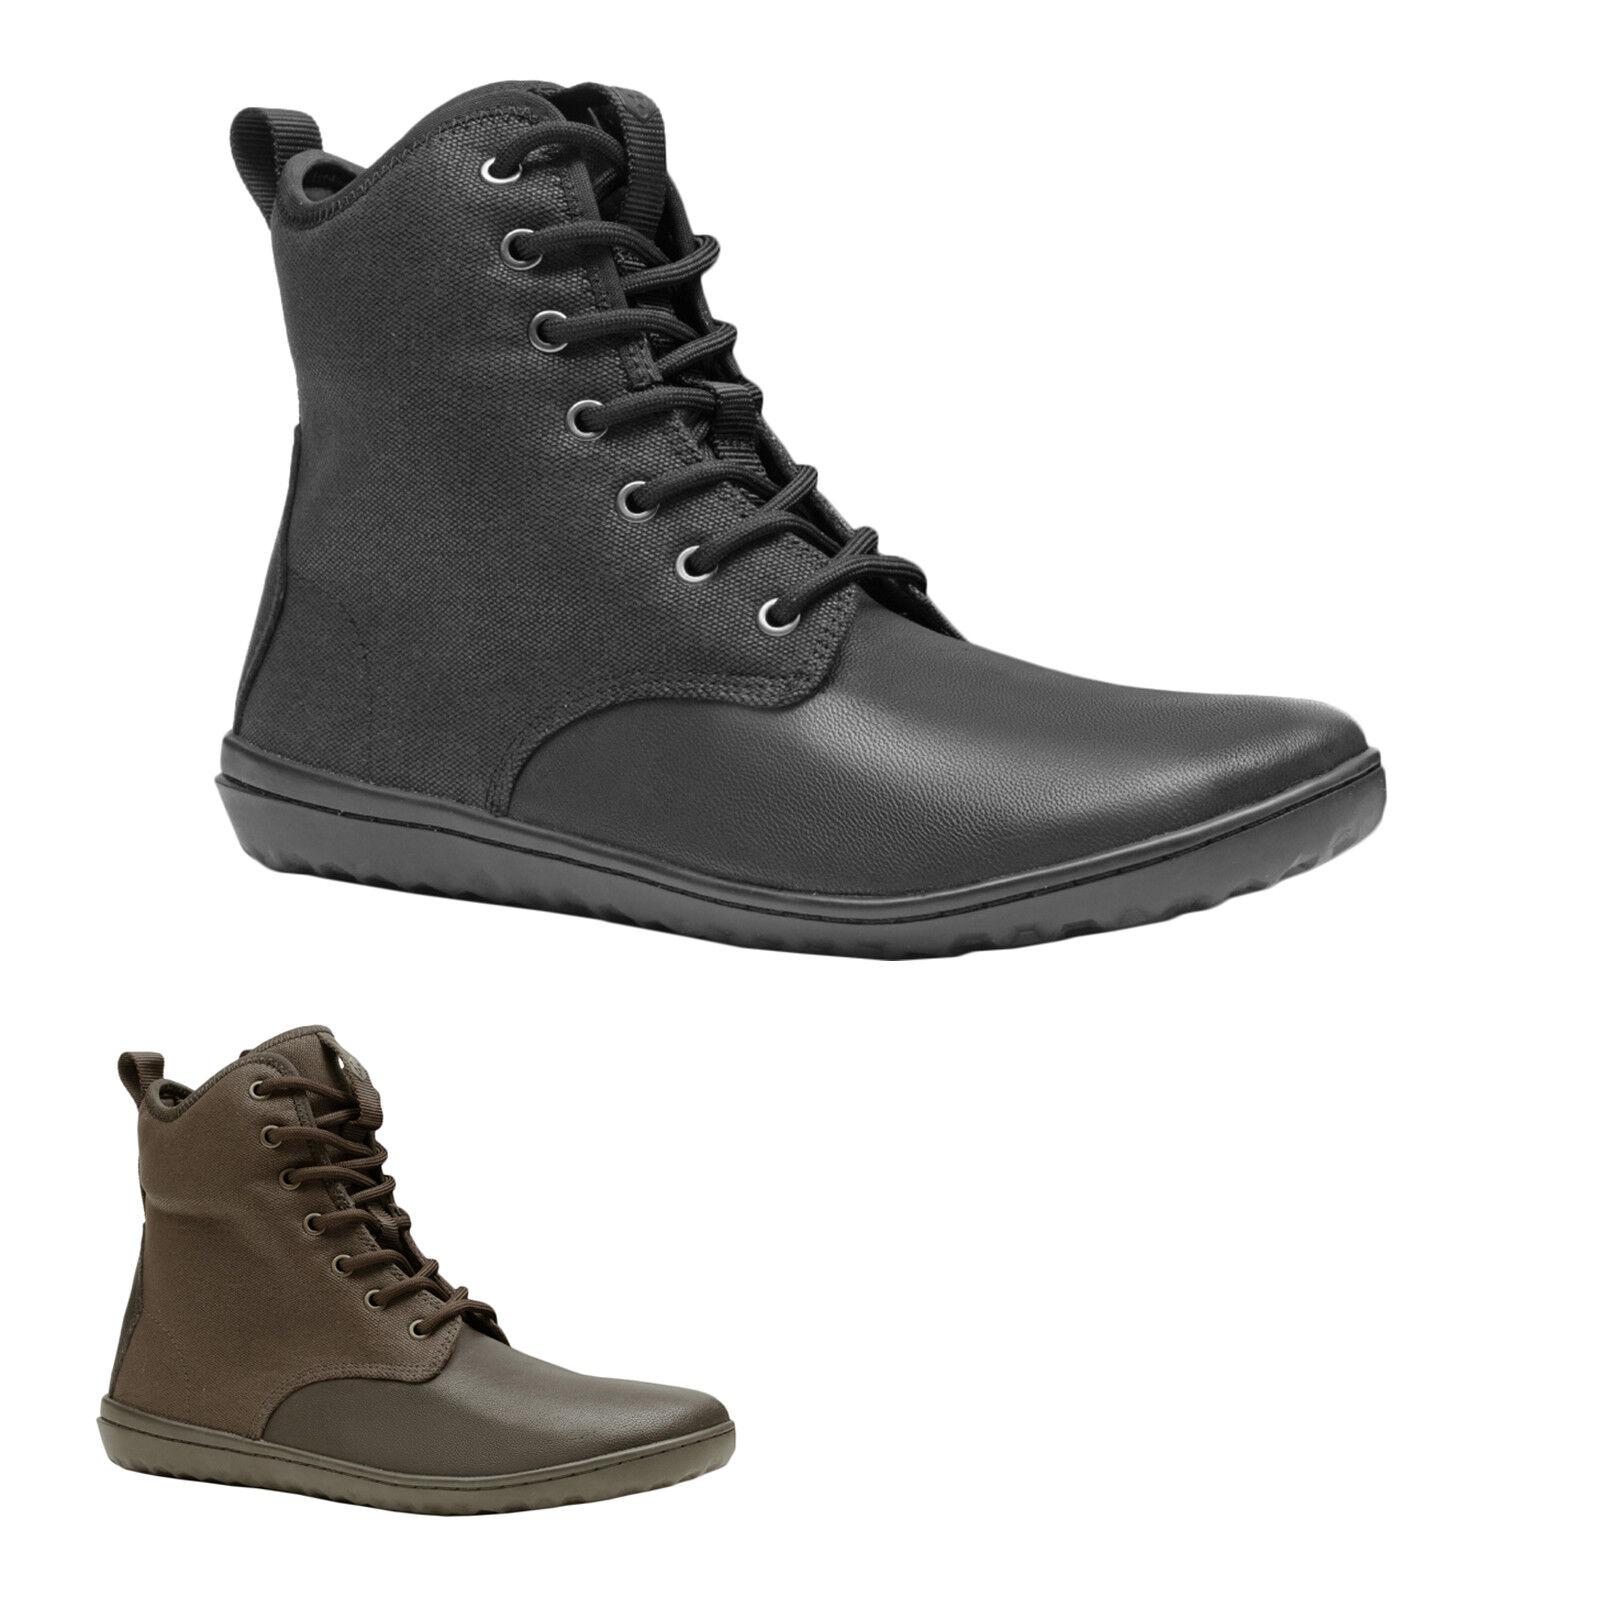 Vivobarefoot Scott 2.0 Leather canvas Lace-up foldable botín señores botas